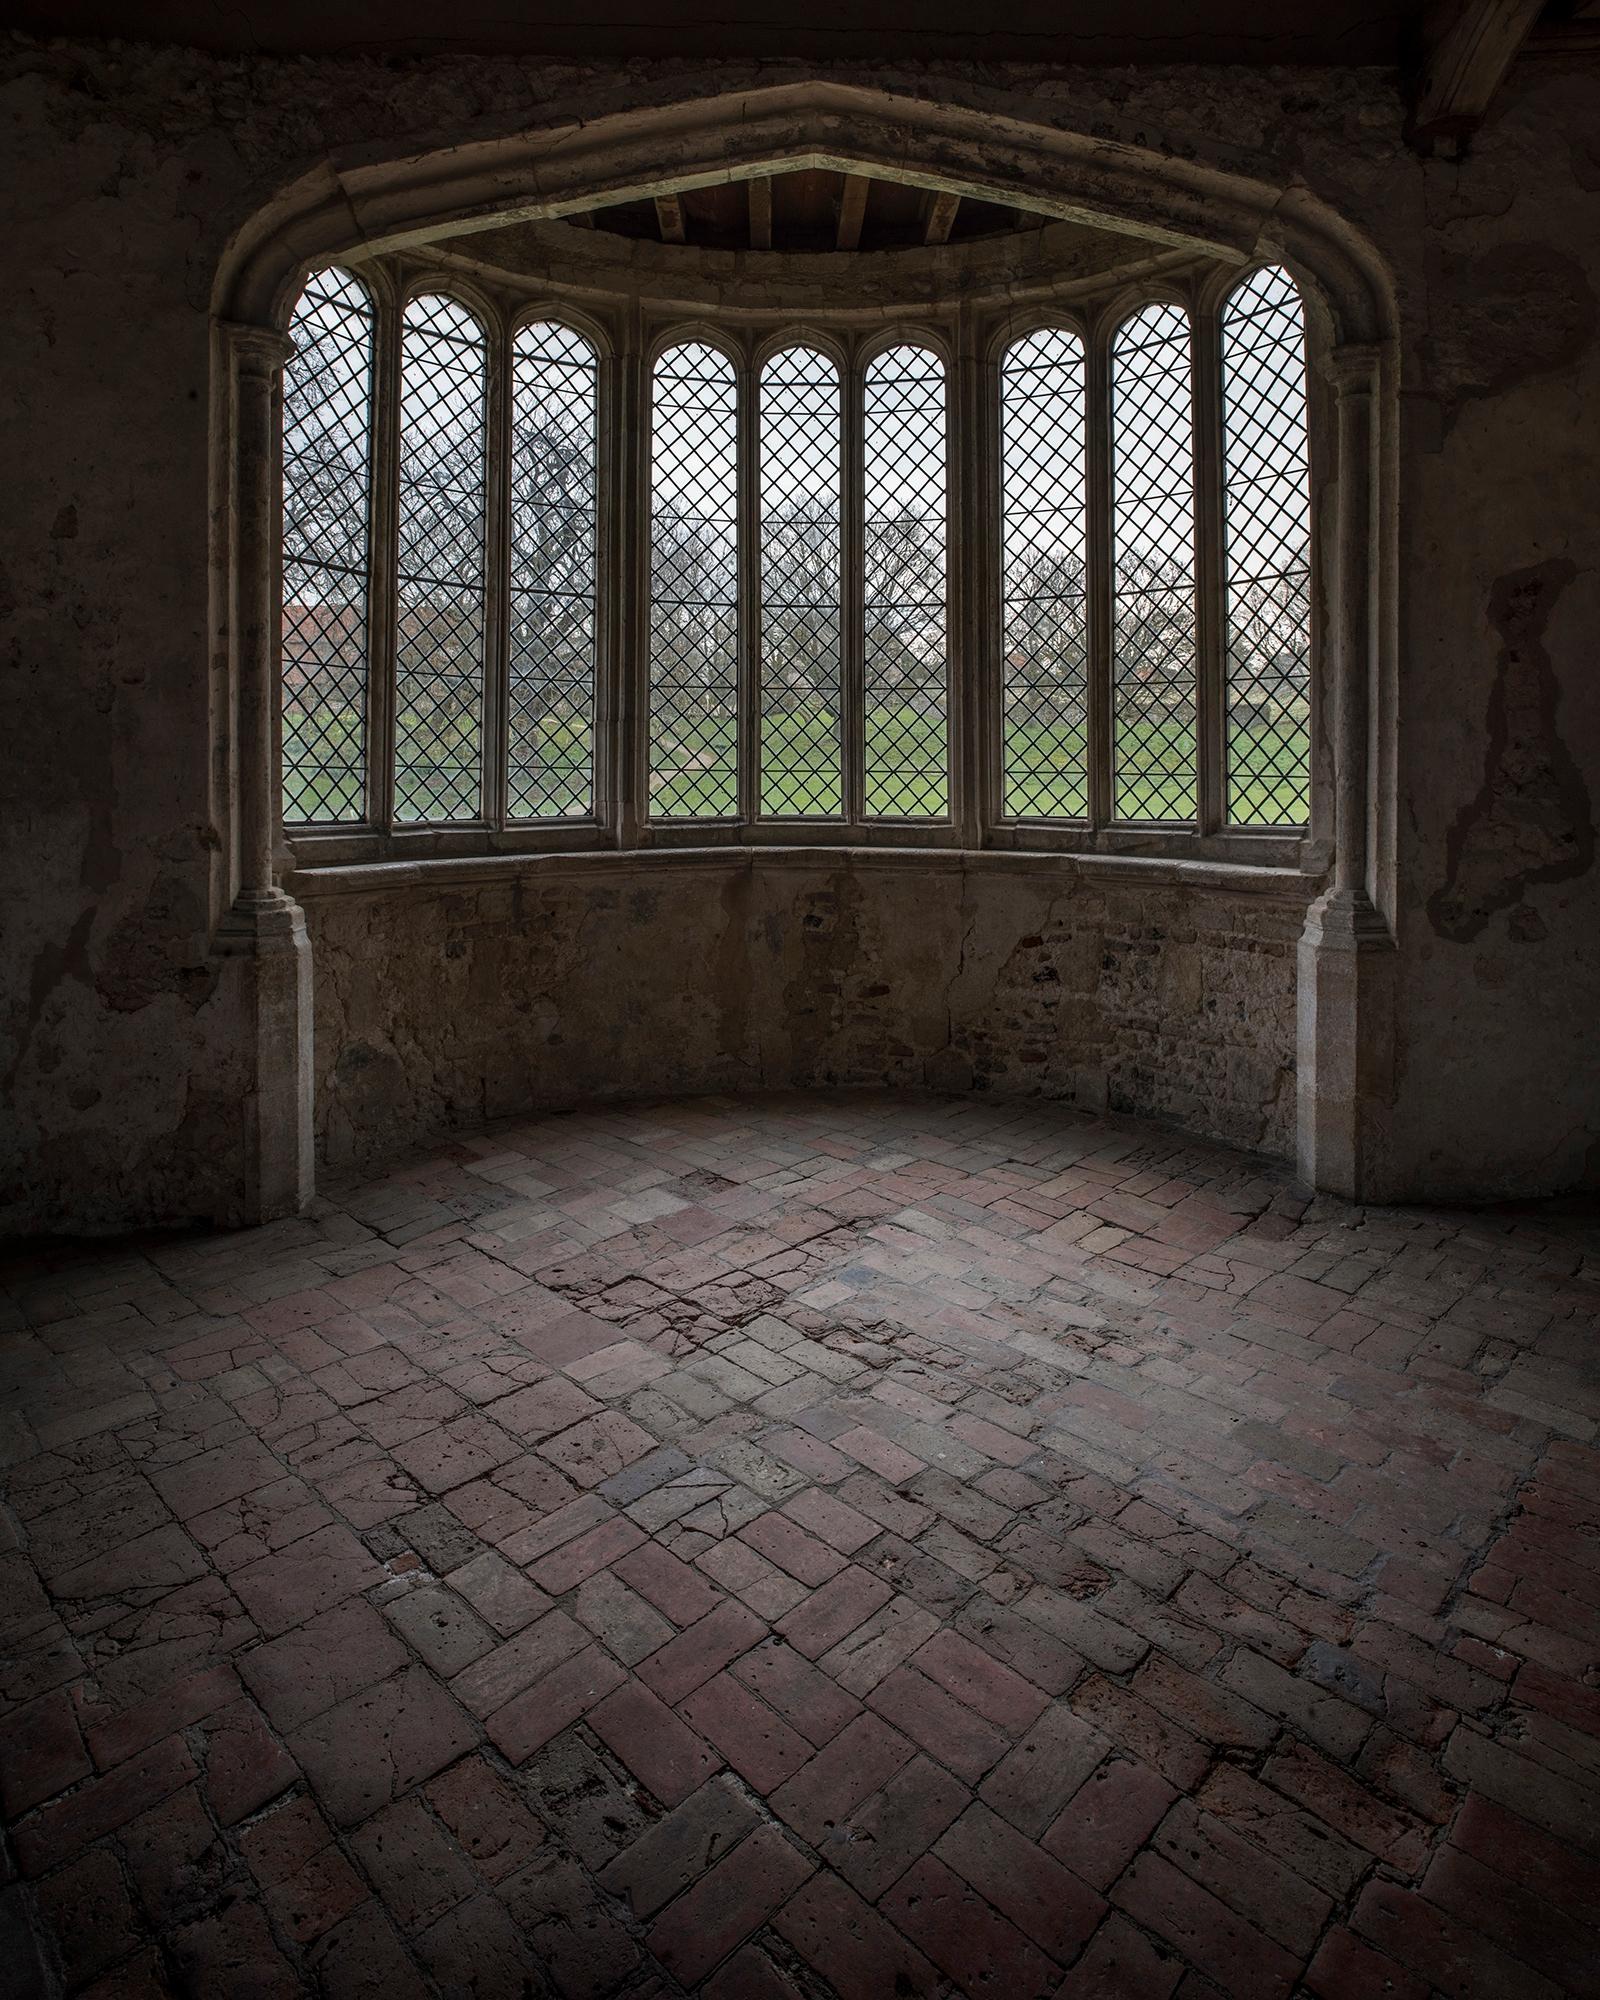 abandoned places visited amazin - forgottenheritage   ello